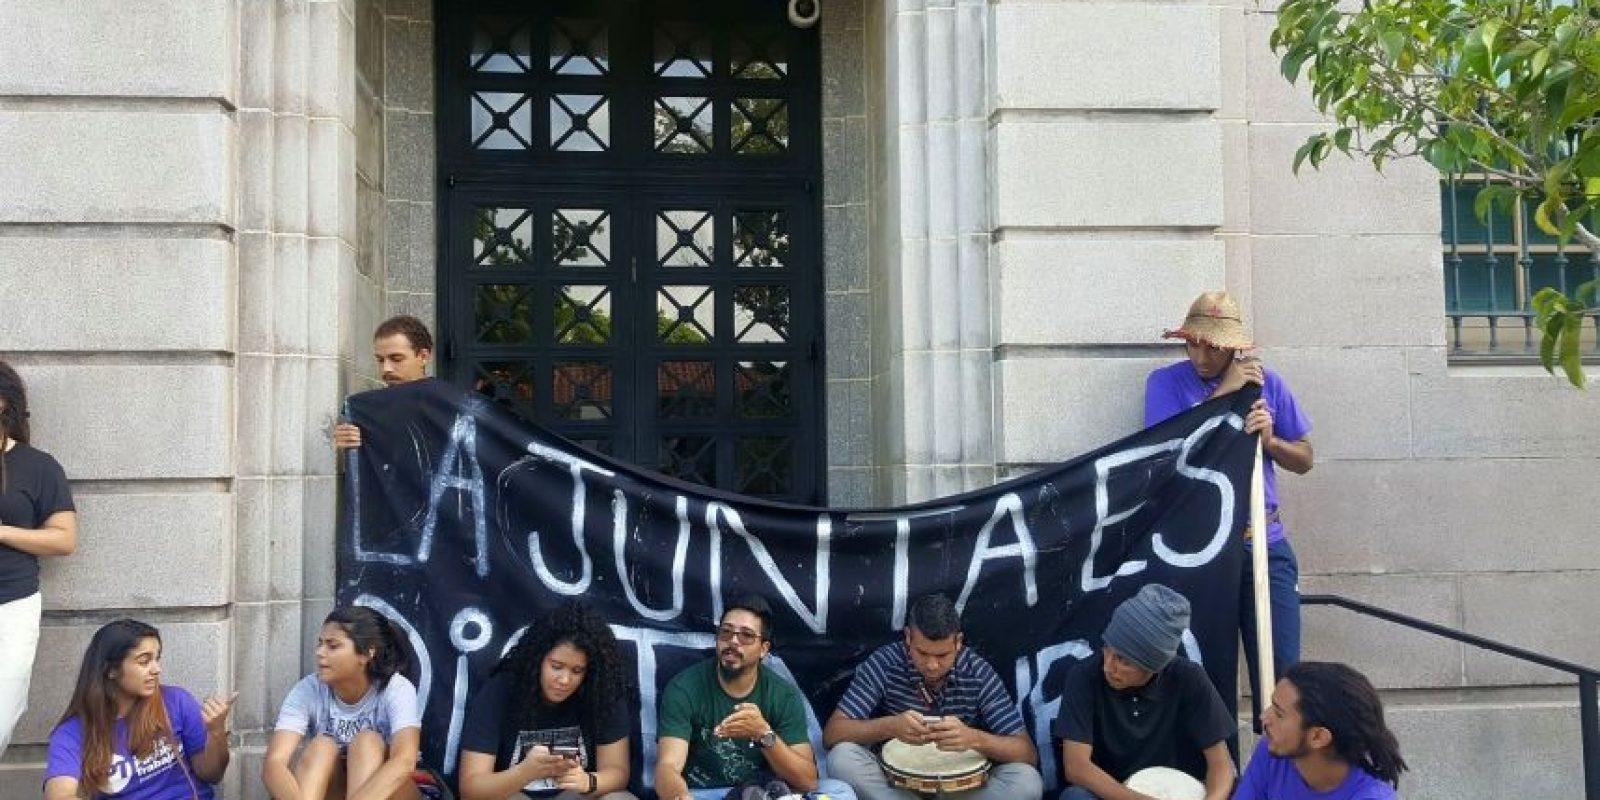 Desobediencia civil contra la Junta de Control Fiscal frente a la Corte de Quiebras en el Viejo San Juan. Foto: Juventud Trabajadora – PPT Foto:Juventud Trabajadora – PPT. Imagen Por: